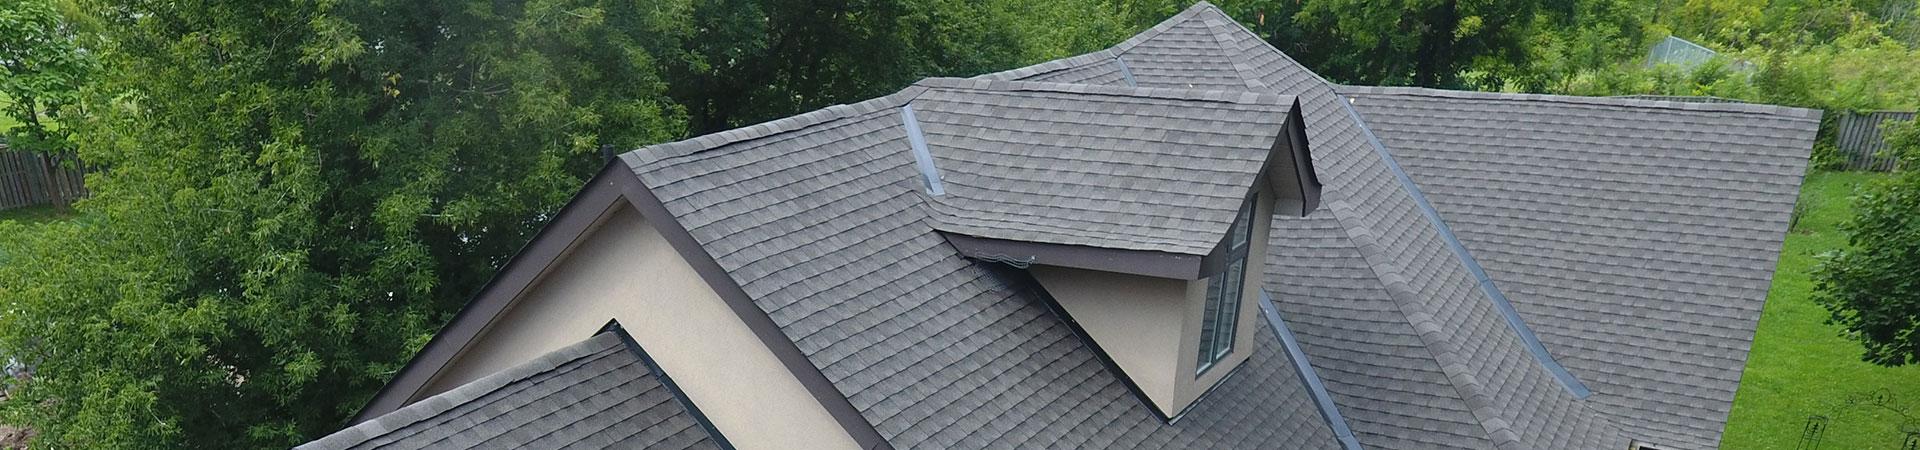 Hamilton Roofing Contractors